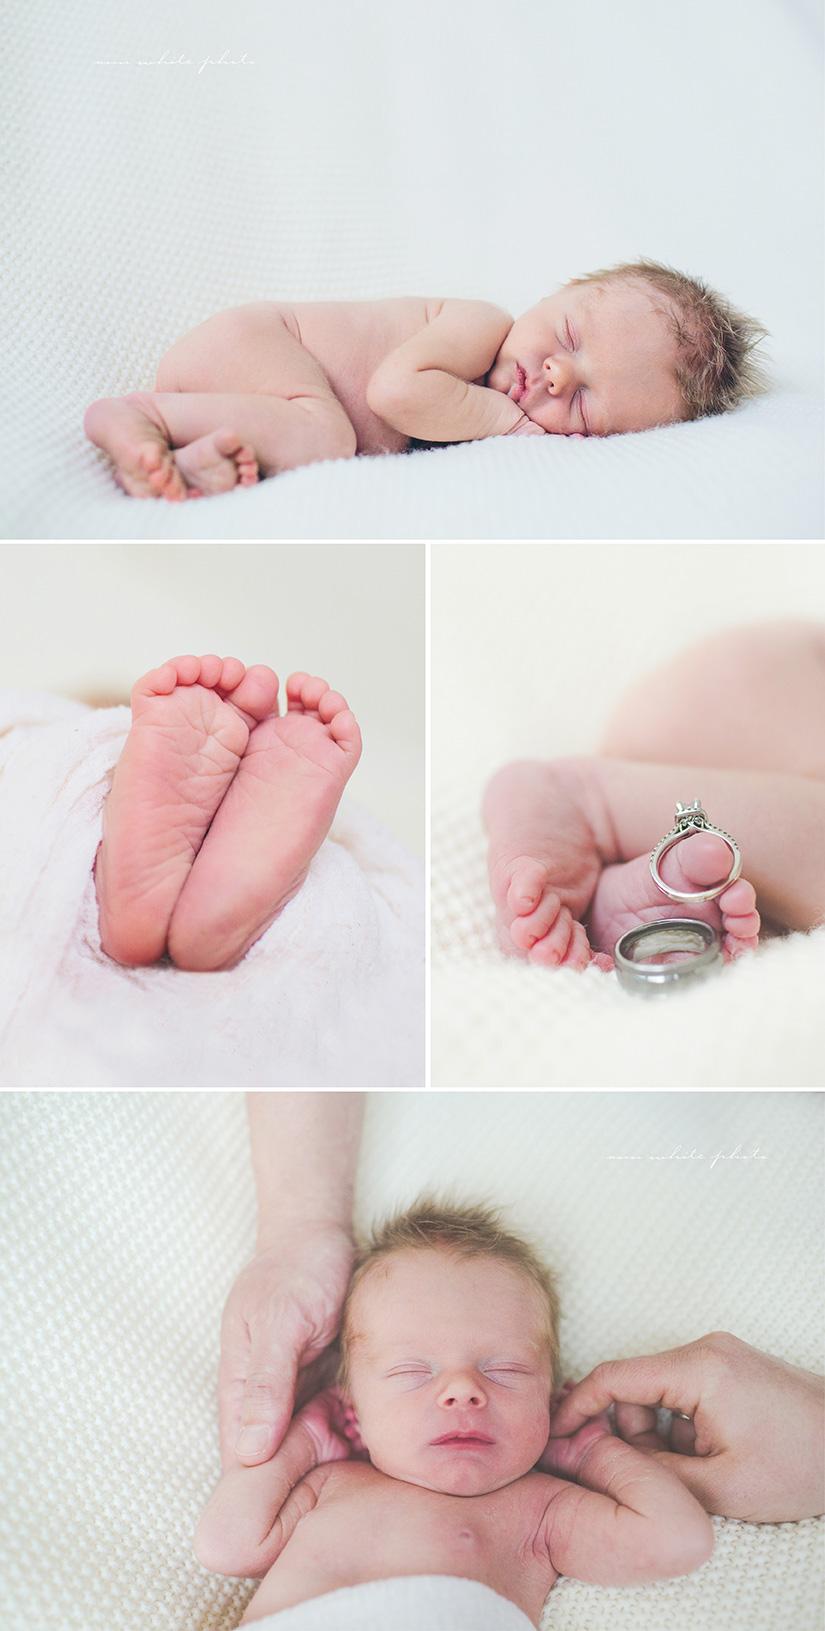 Oliver_newborn_blog8.jpg